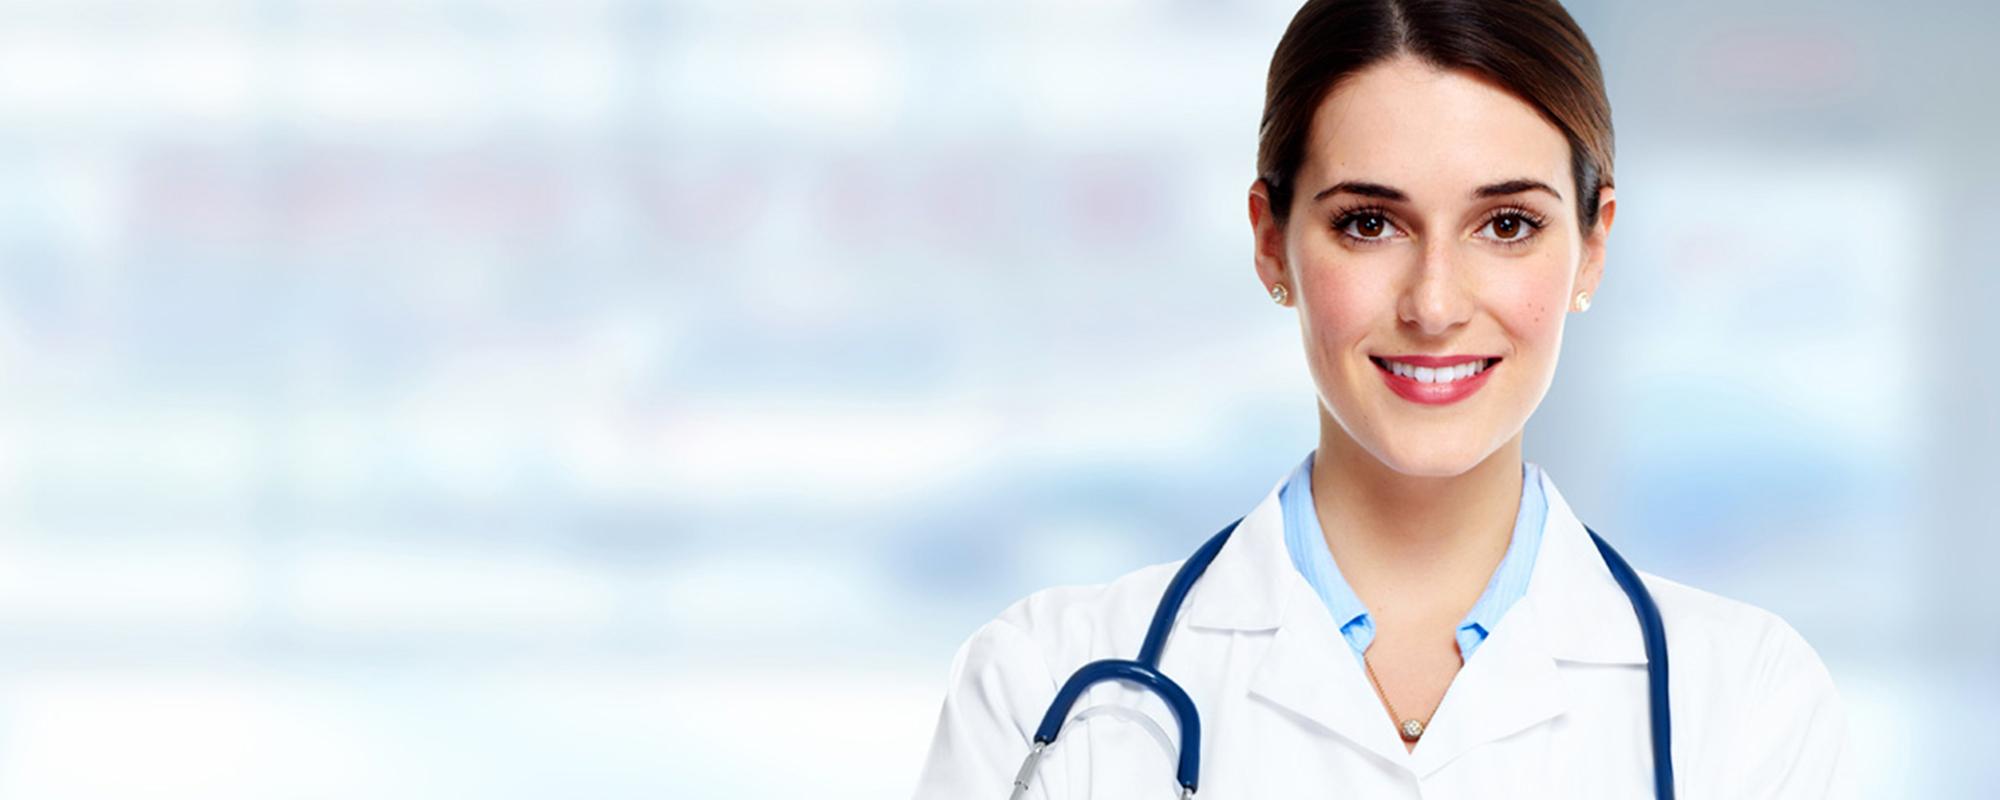 Медицинские услуги, которым можете доверять